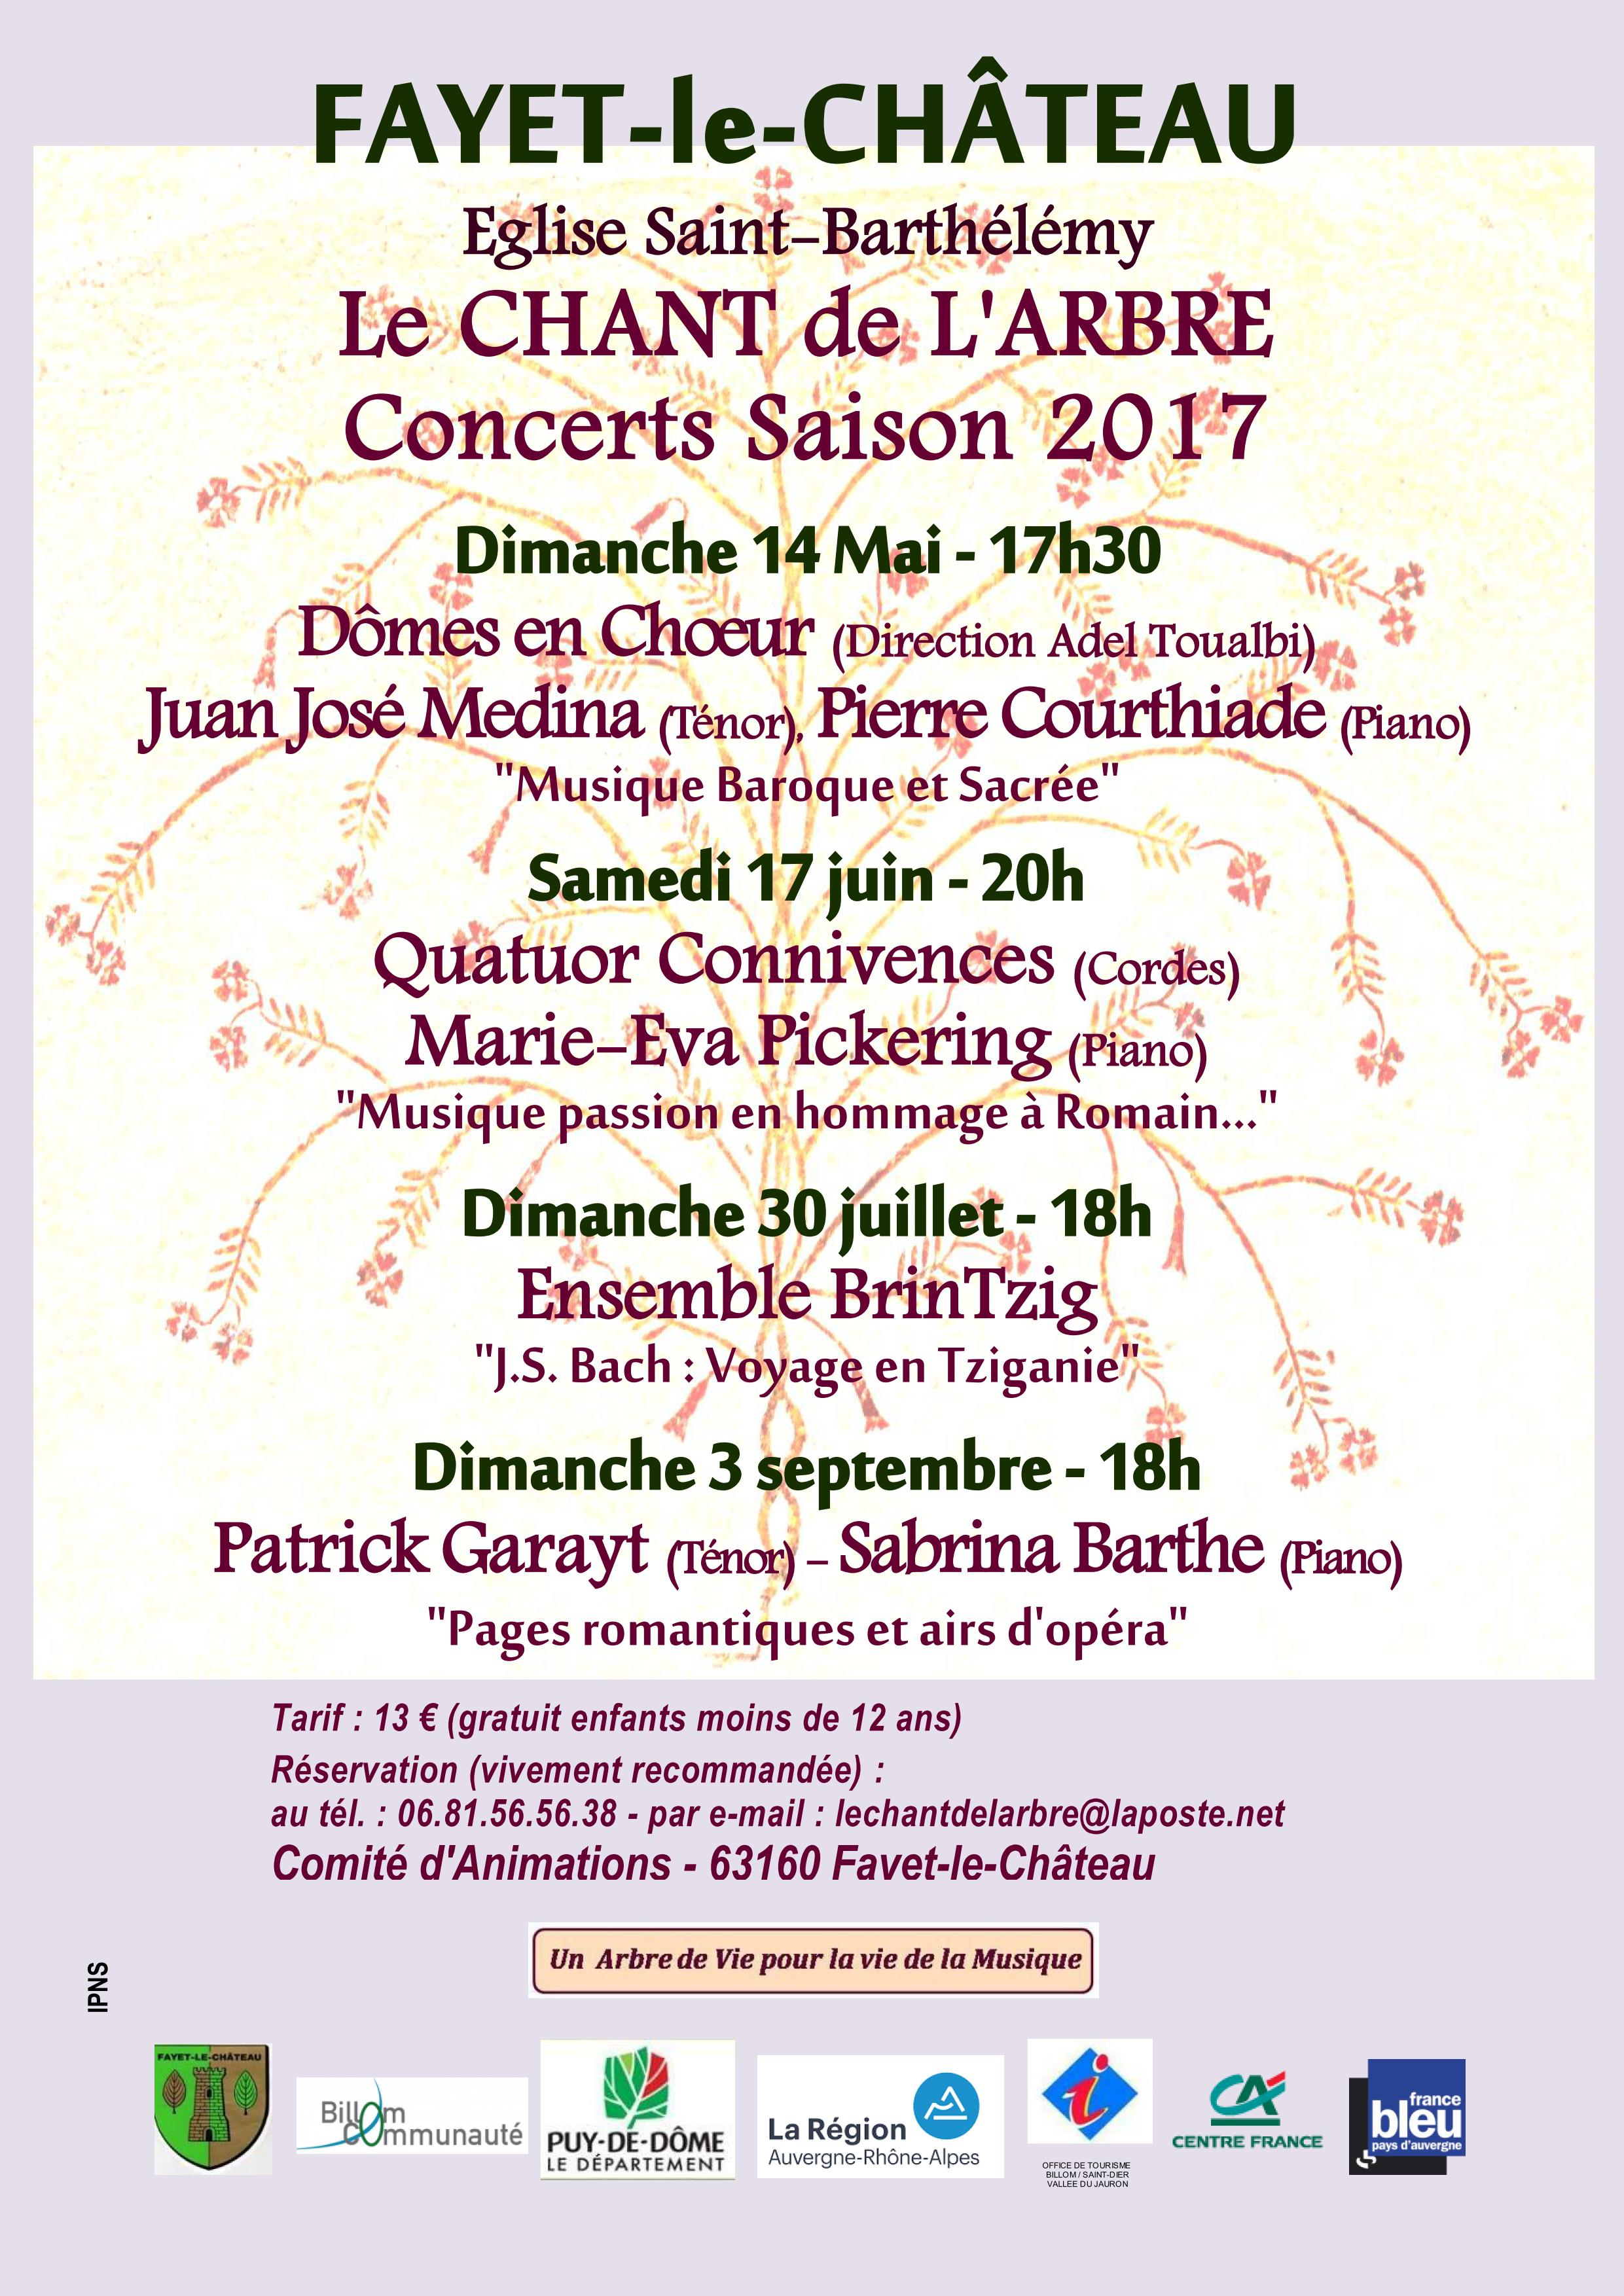 EVE_Fayet-le-chateau_2017